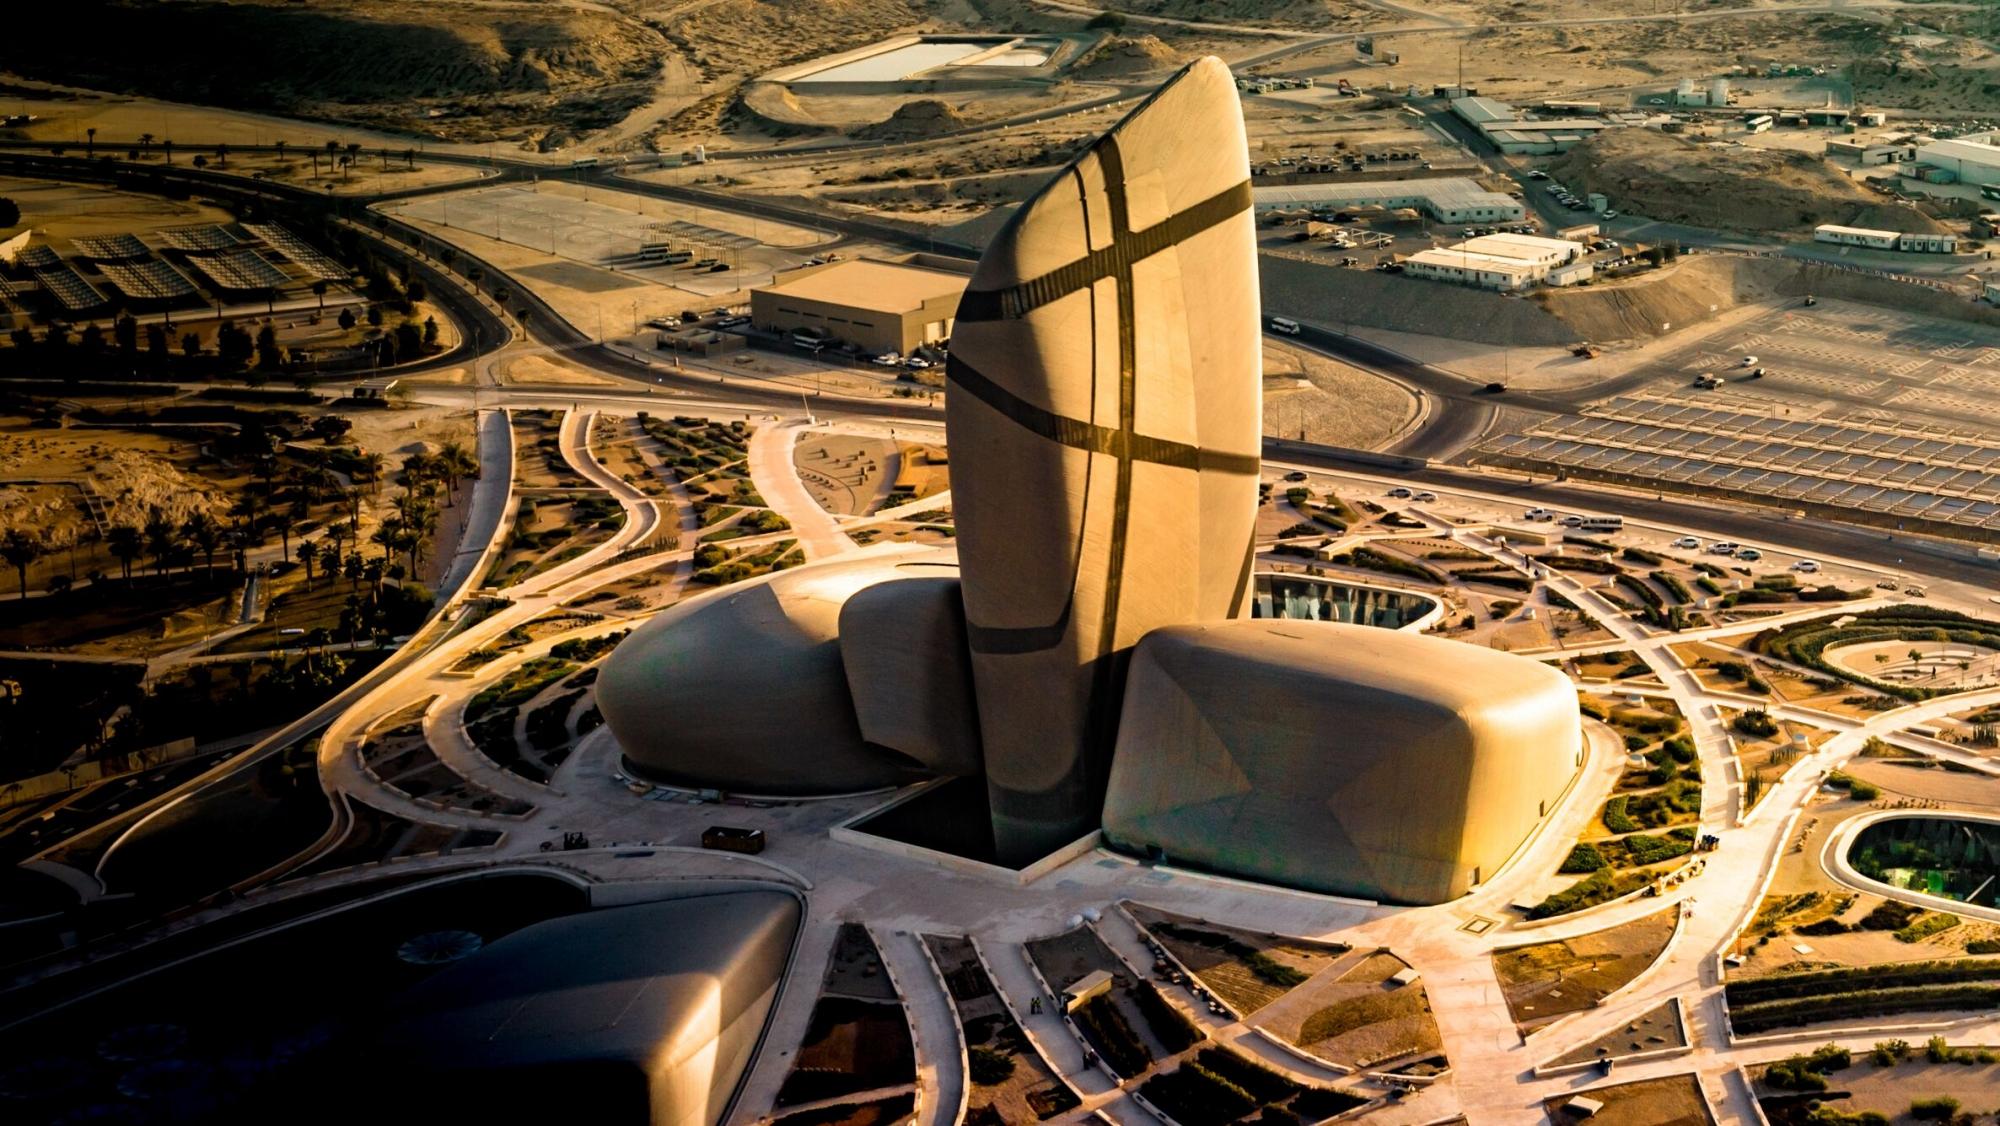 Trung tâm văn hóa đẳng cấp nhất thế giới, được xây dựng cạnh giếng dầu đầu tiên của Ả Rập Saudi